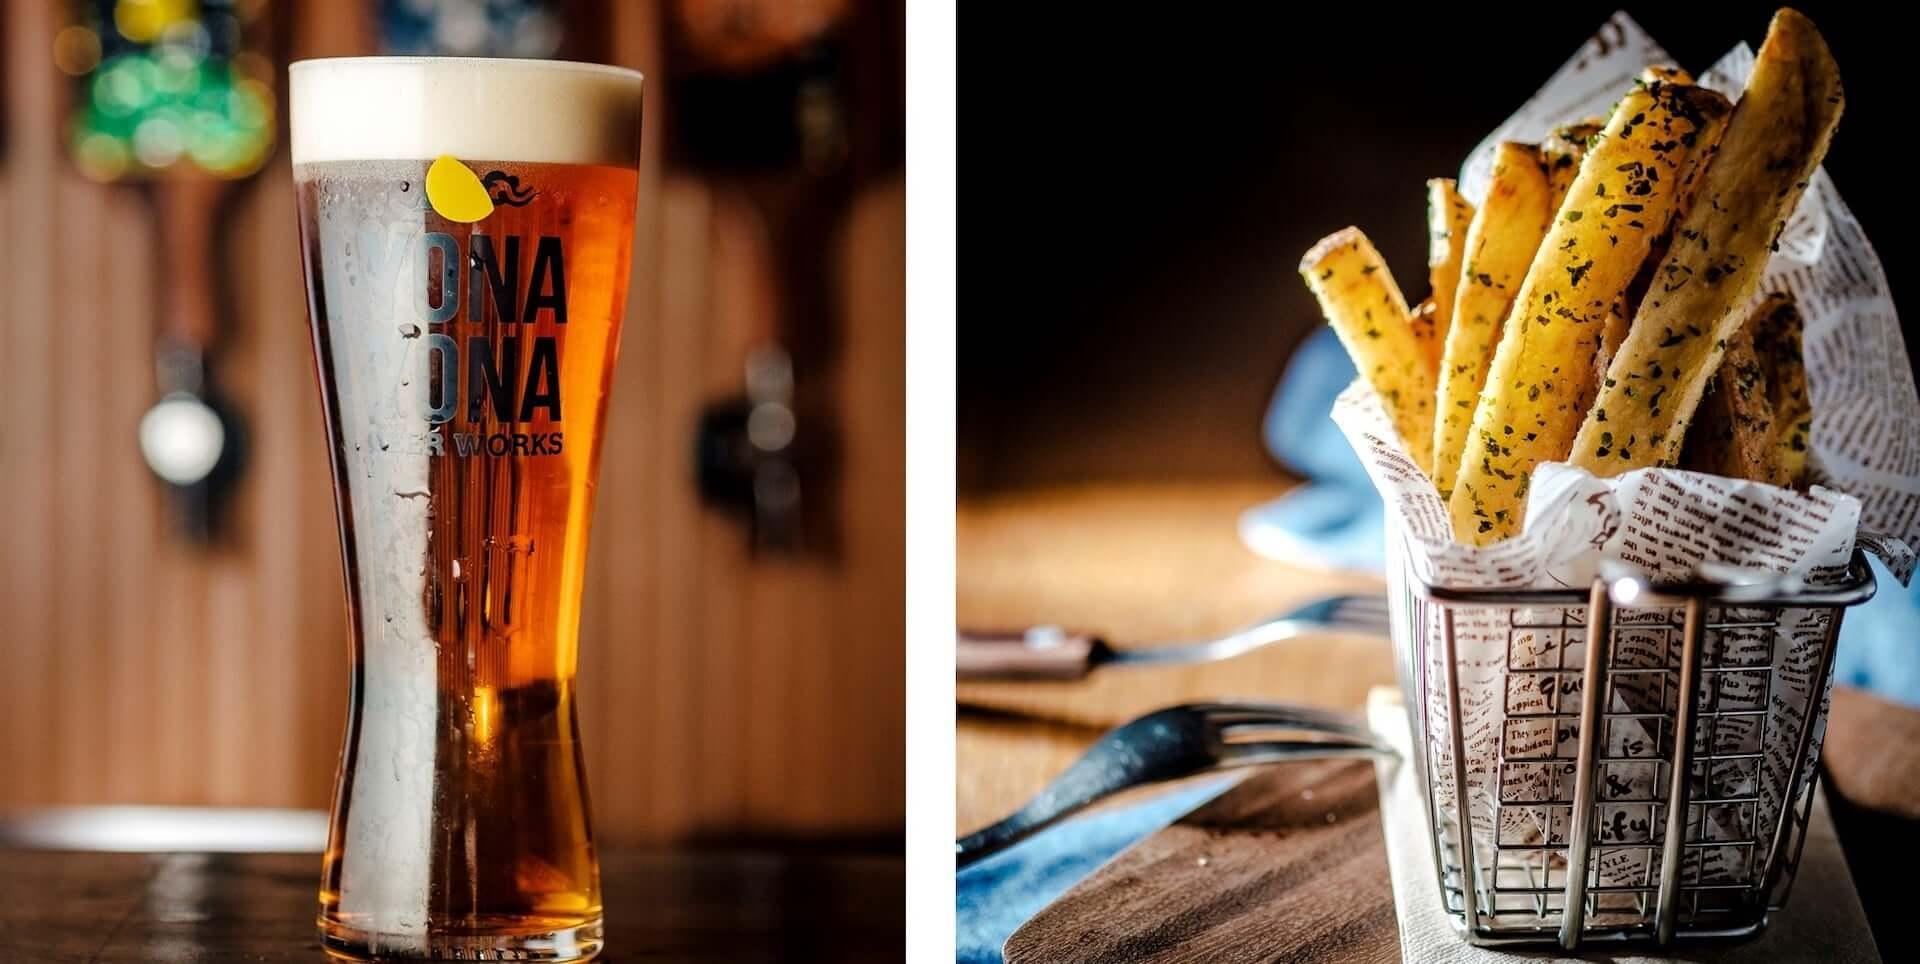 『水曜日のネコ』や『インドの青鬼』が期間限定で貰える!よなよなエール公式ビアレストランでテイクアウト販売が開始 gourmet200326_yonayona_beerworks_4-1920x964